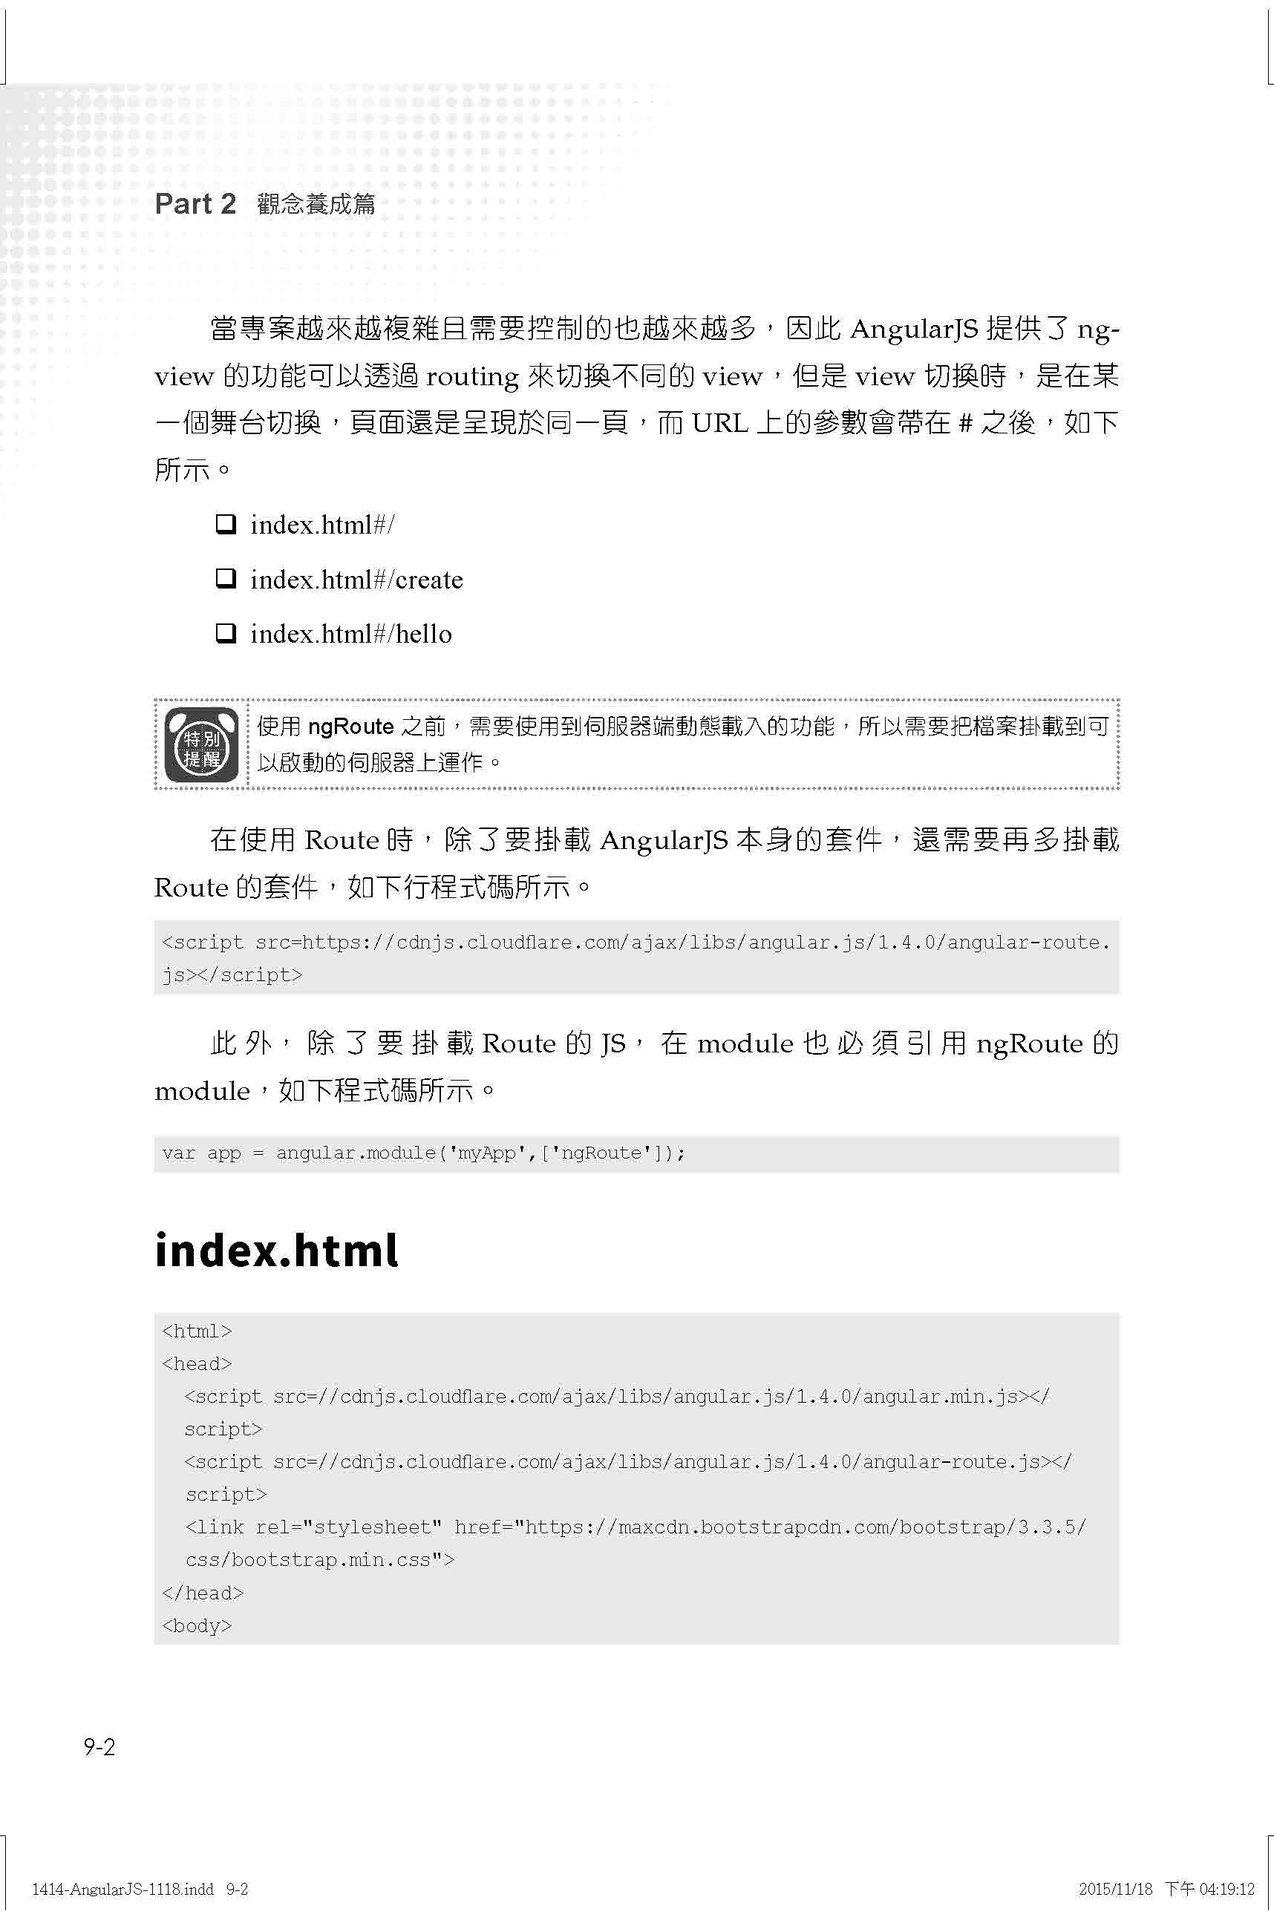 經典實戰手冊:AngularJS 全攻略 (舊名: AngularJS 快速上手-- 實務範例教學)-preview-10